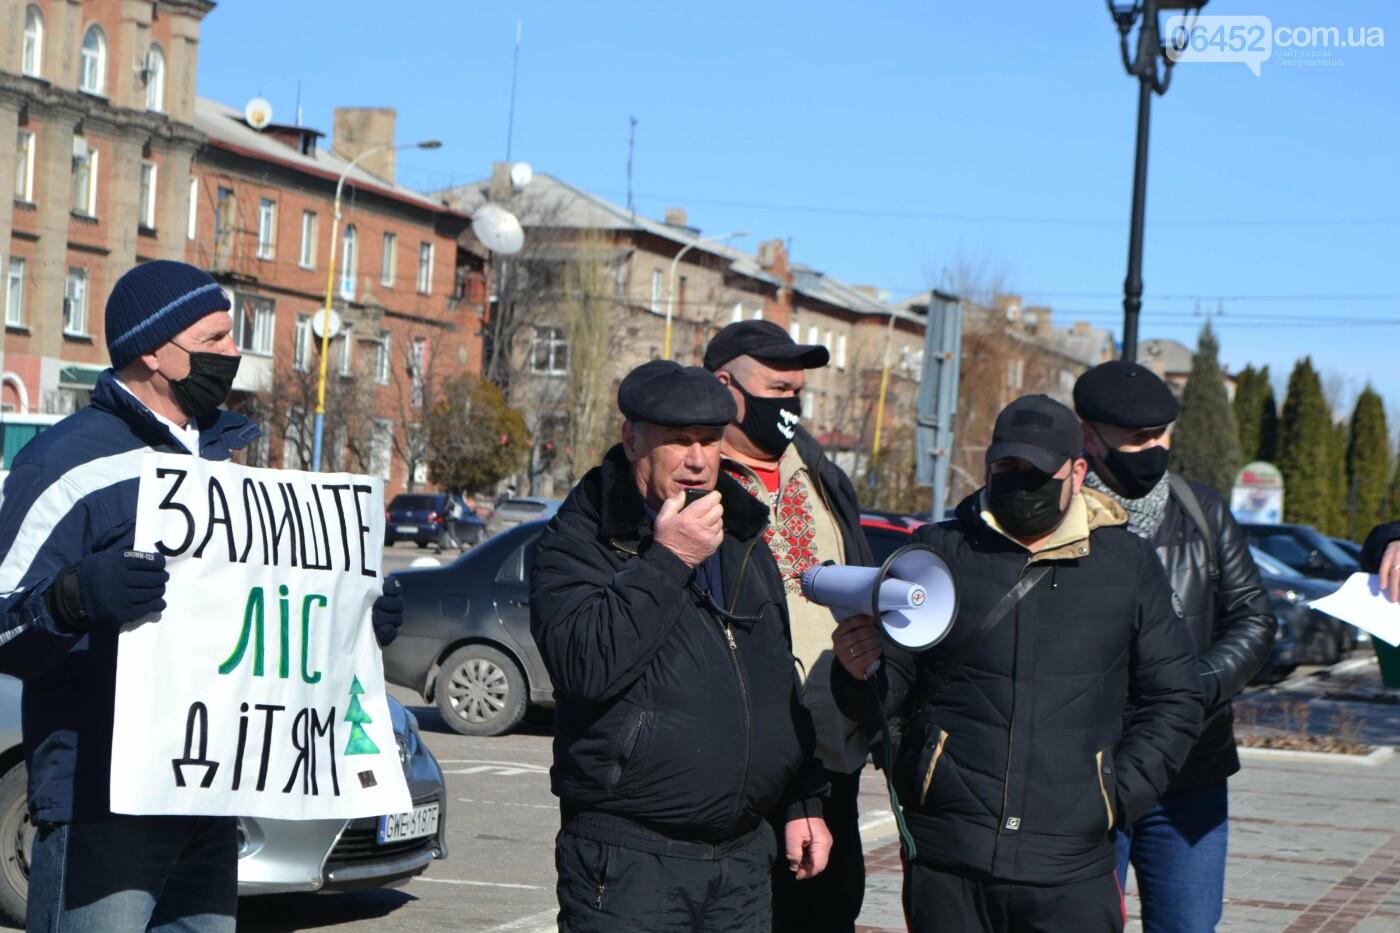 Северодончане вышли на мирную акцию против вырубки леса  (фото, видео) , фото-5